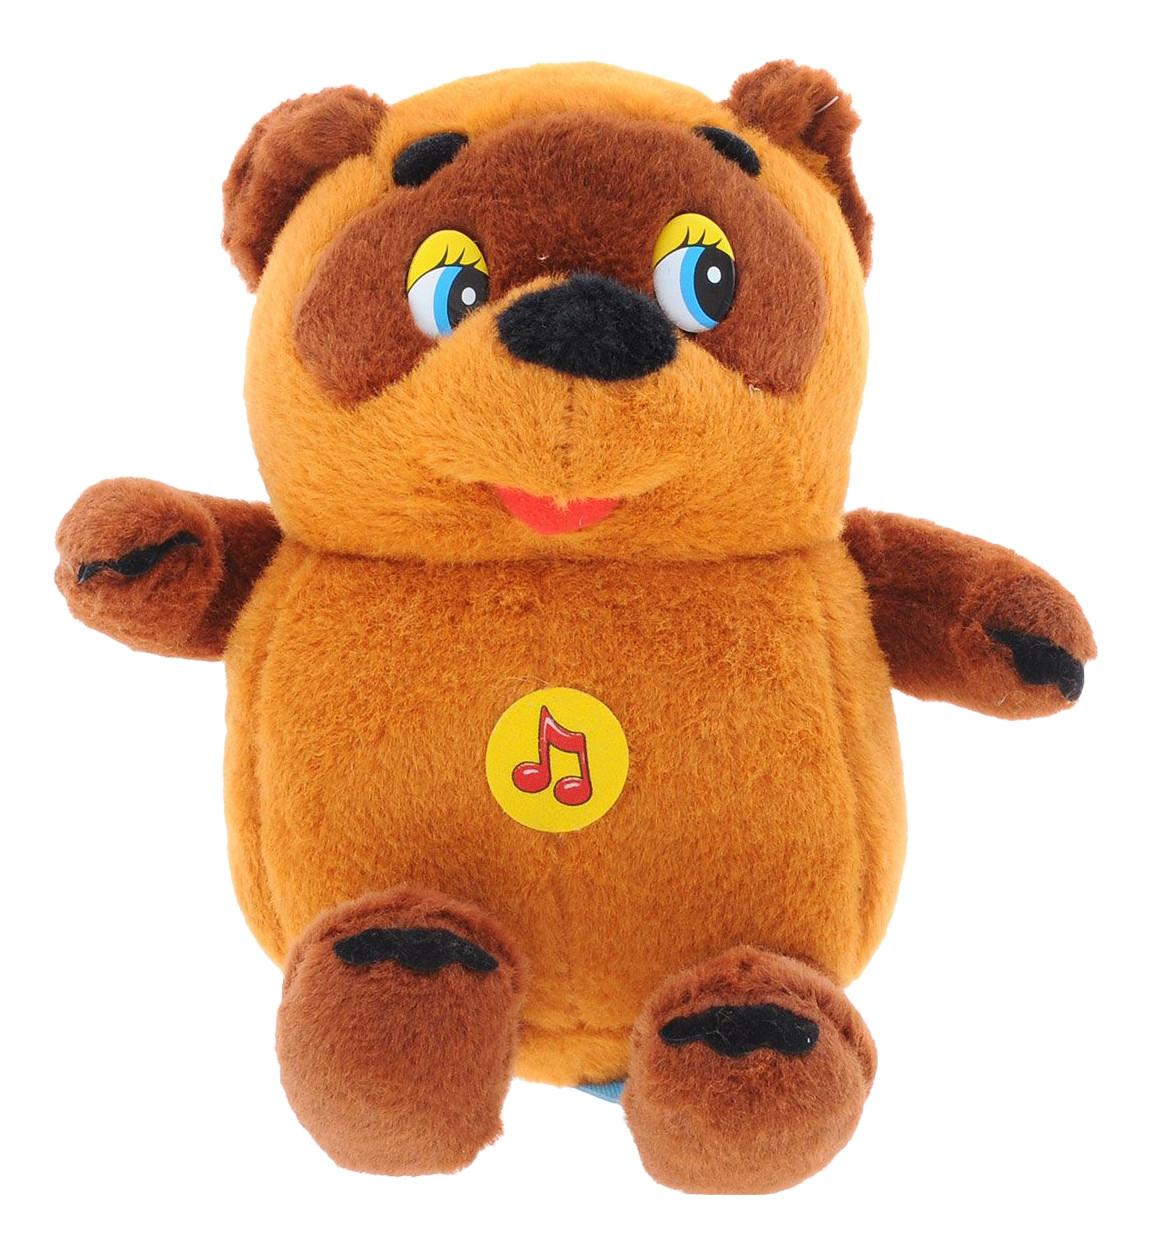 """Мульти-Пульти Мягкая игрушка """"Винни-Пух"""" Медвежонок Винни Пух (звук), 15 см."""